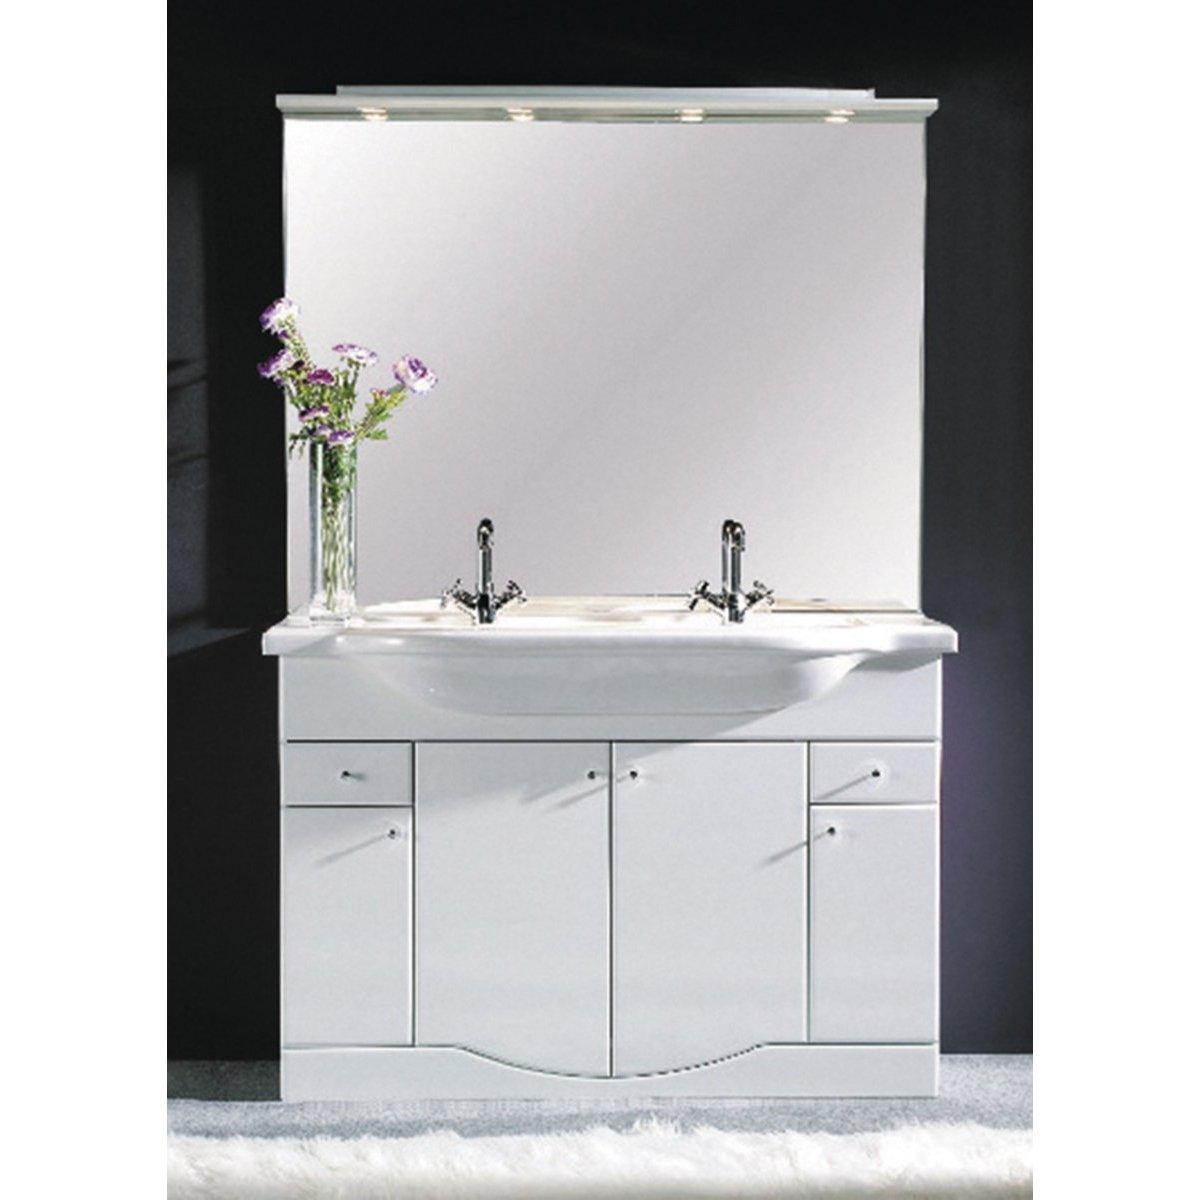 Meuble plan au sol 3 portes 2 tiroirs 72cm blanc slim for Meuble 3 portes blanc